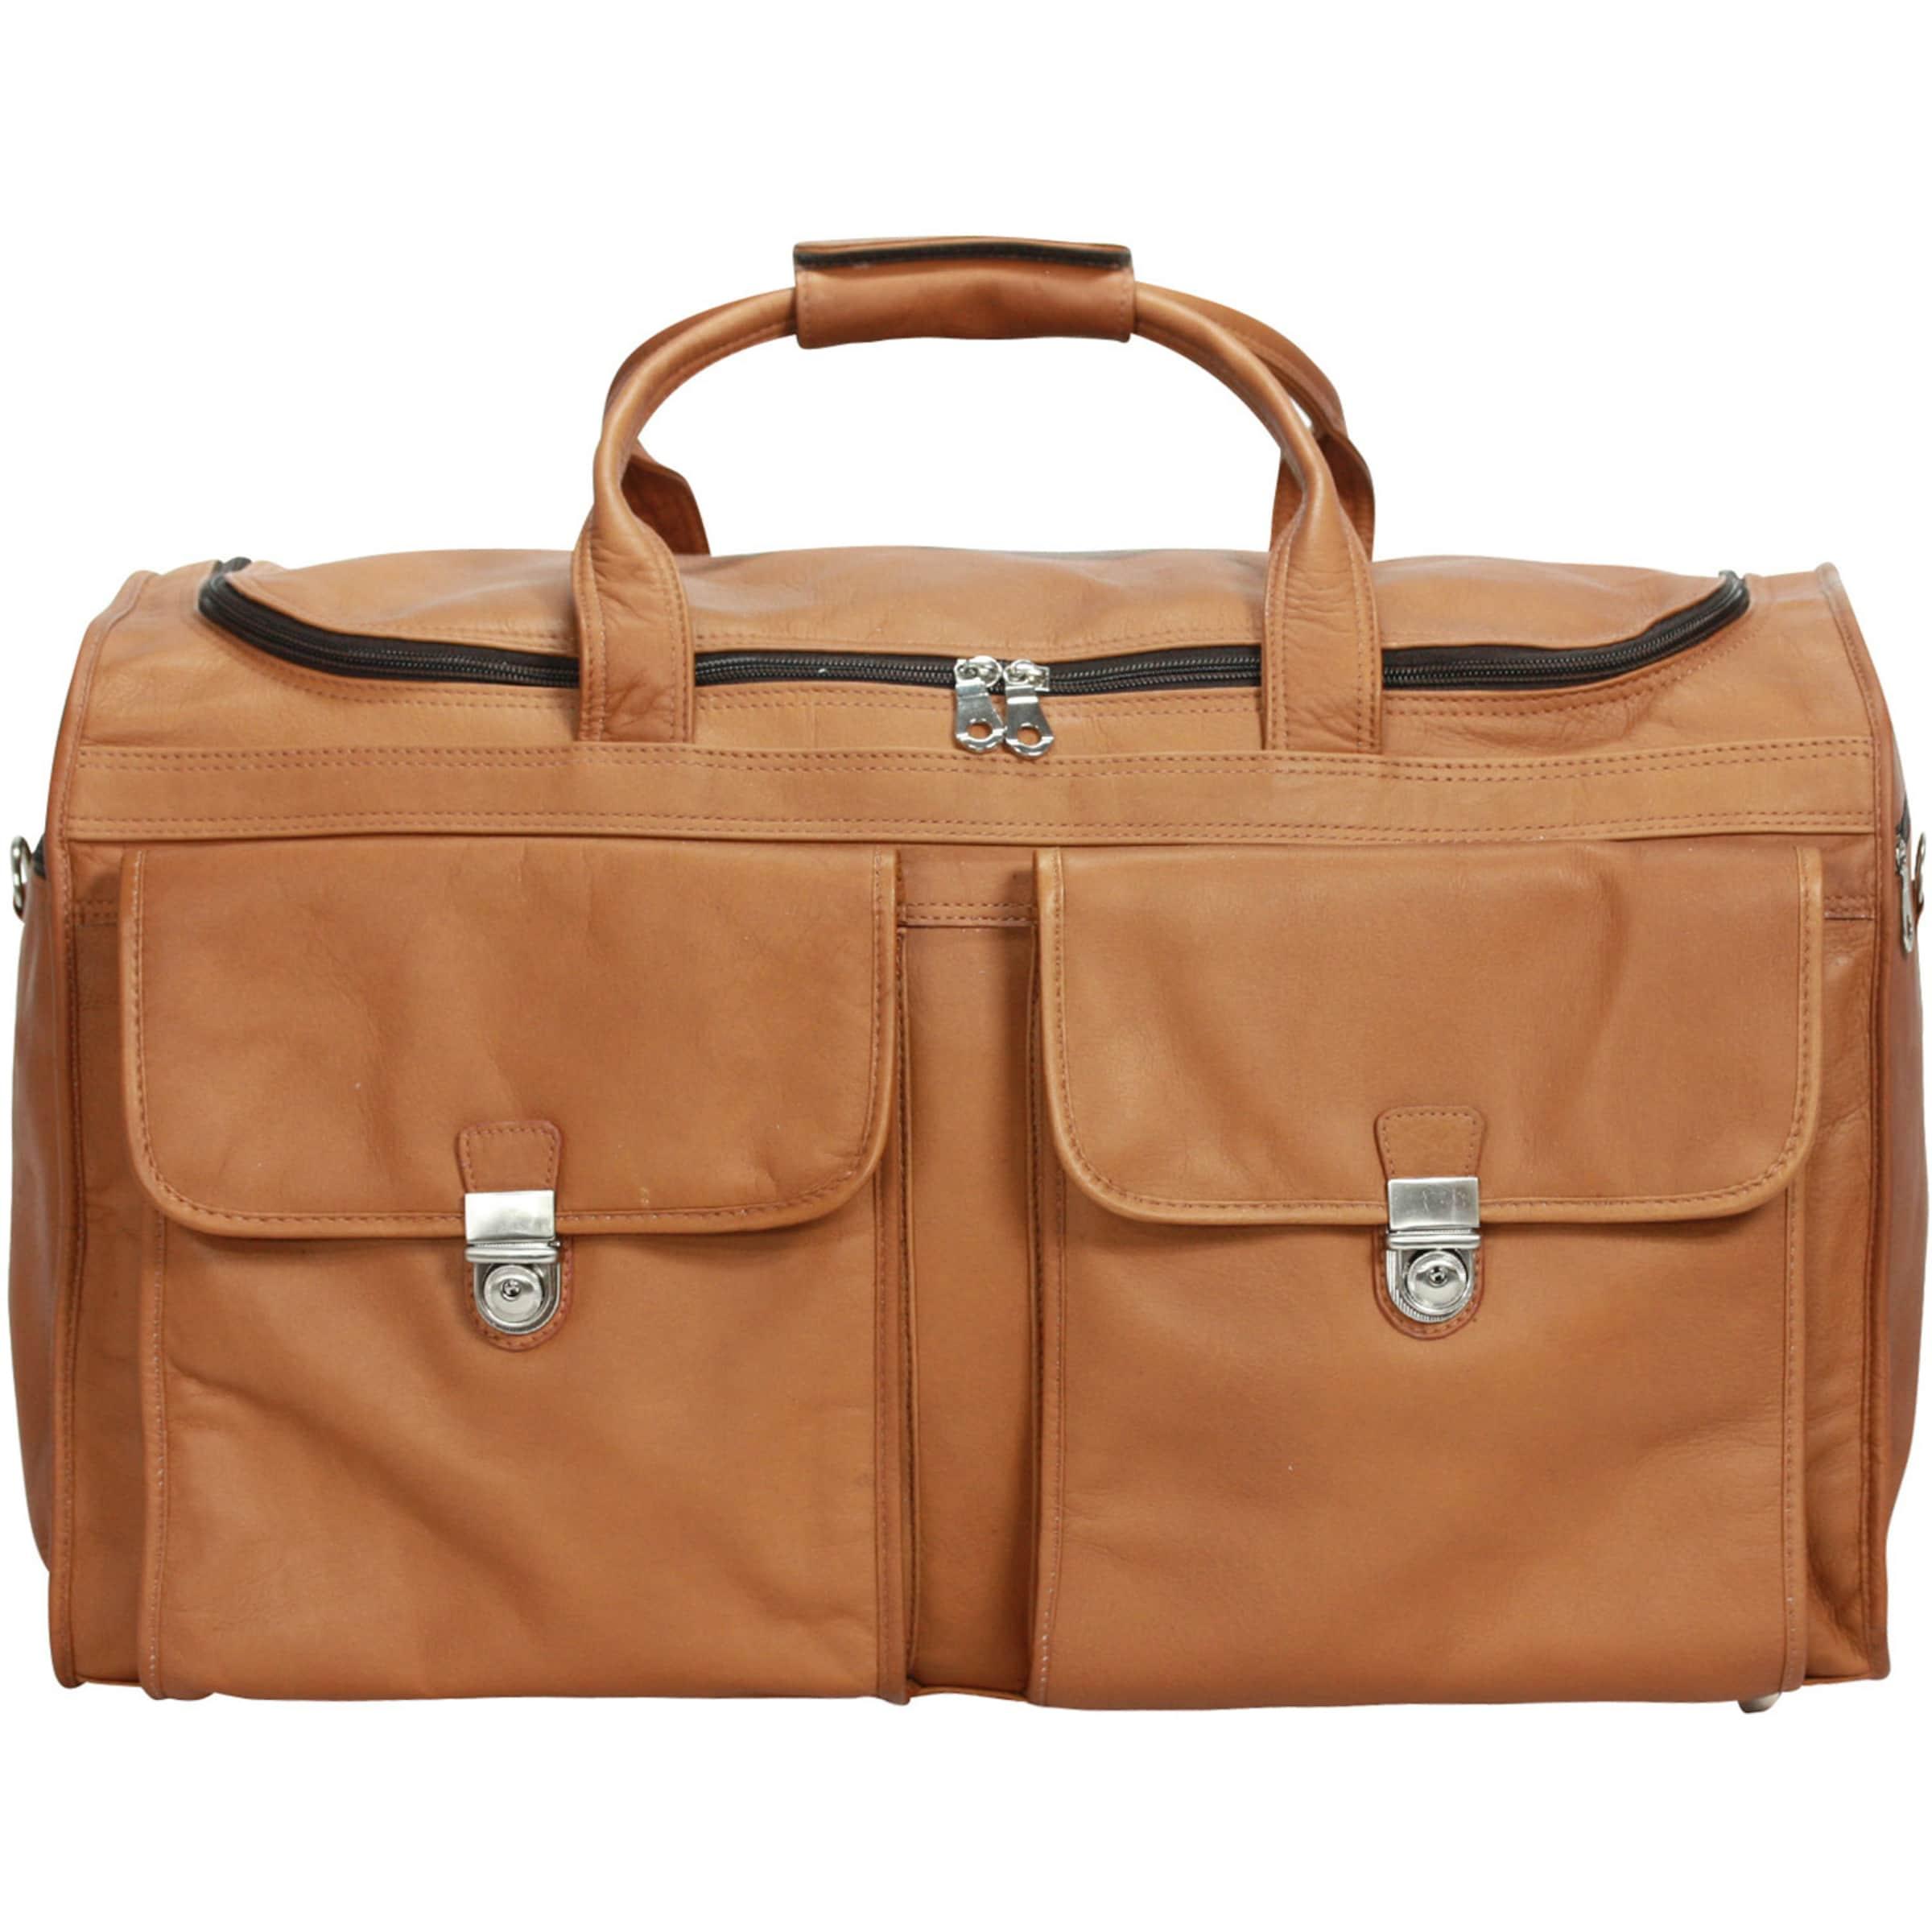 Harold's Tasche In 'country' Cognac 80OknwXP